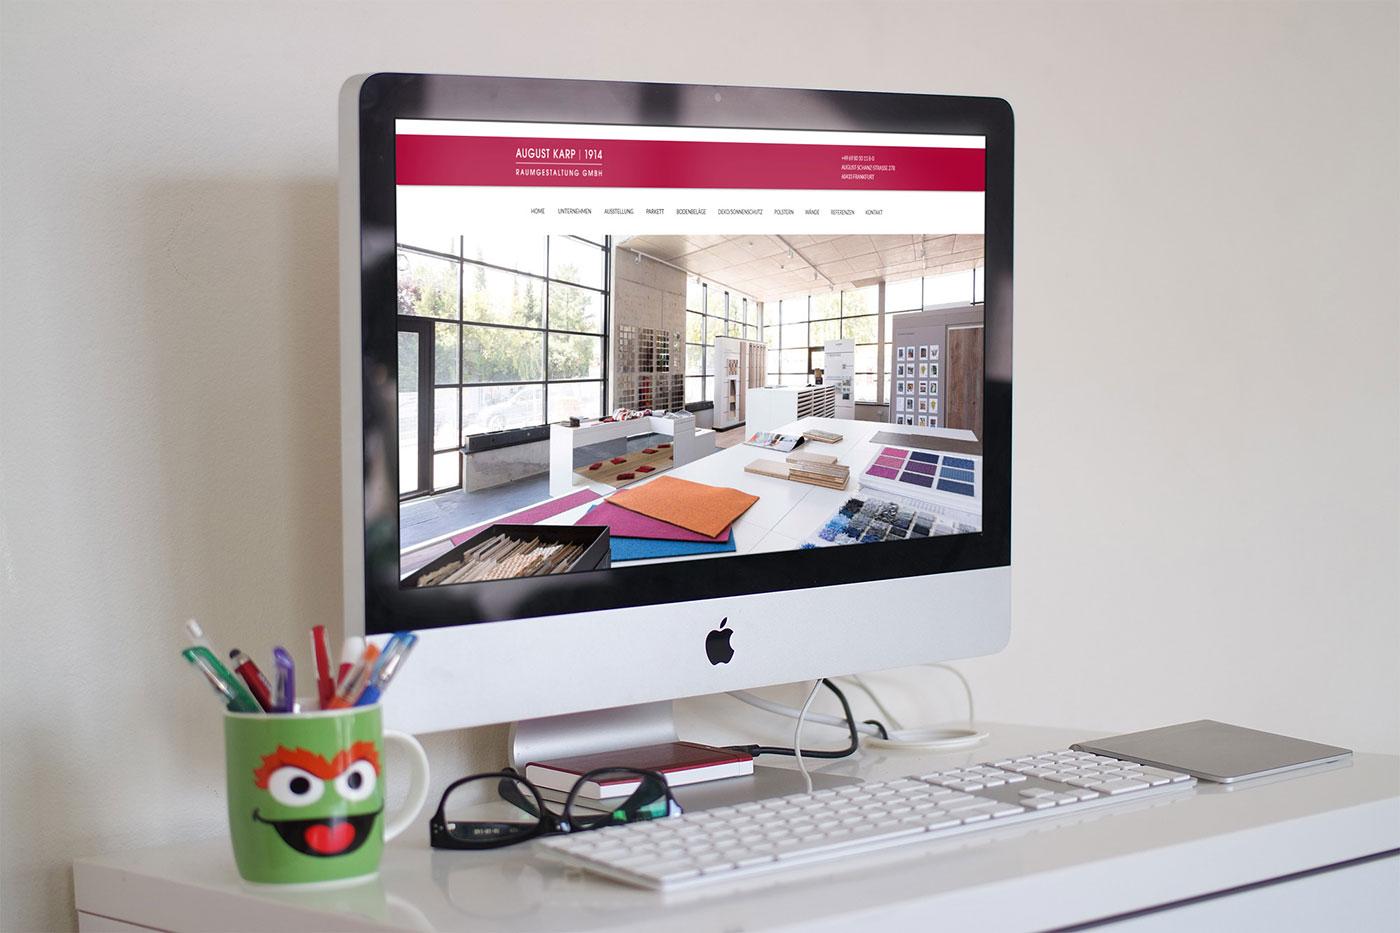 webdesign f r frankfurt referenz august karp. Black Bedroom Furniture Sets. Home Design Ideas